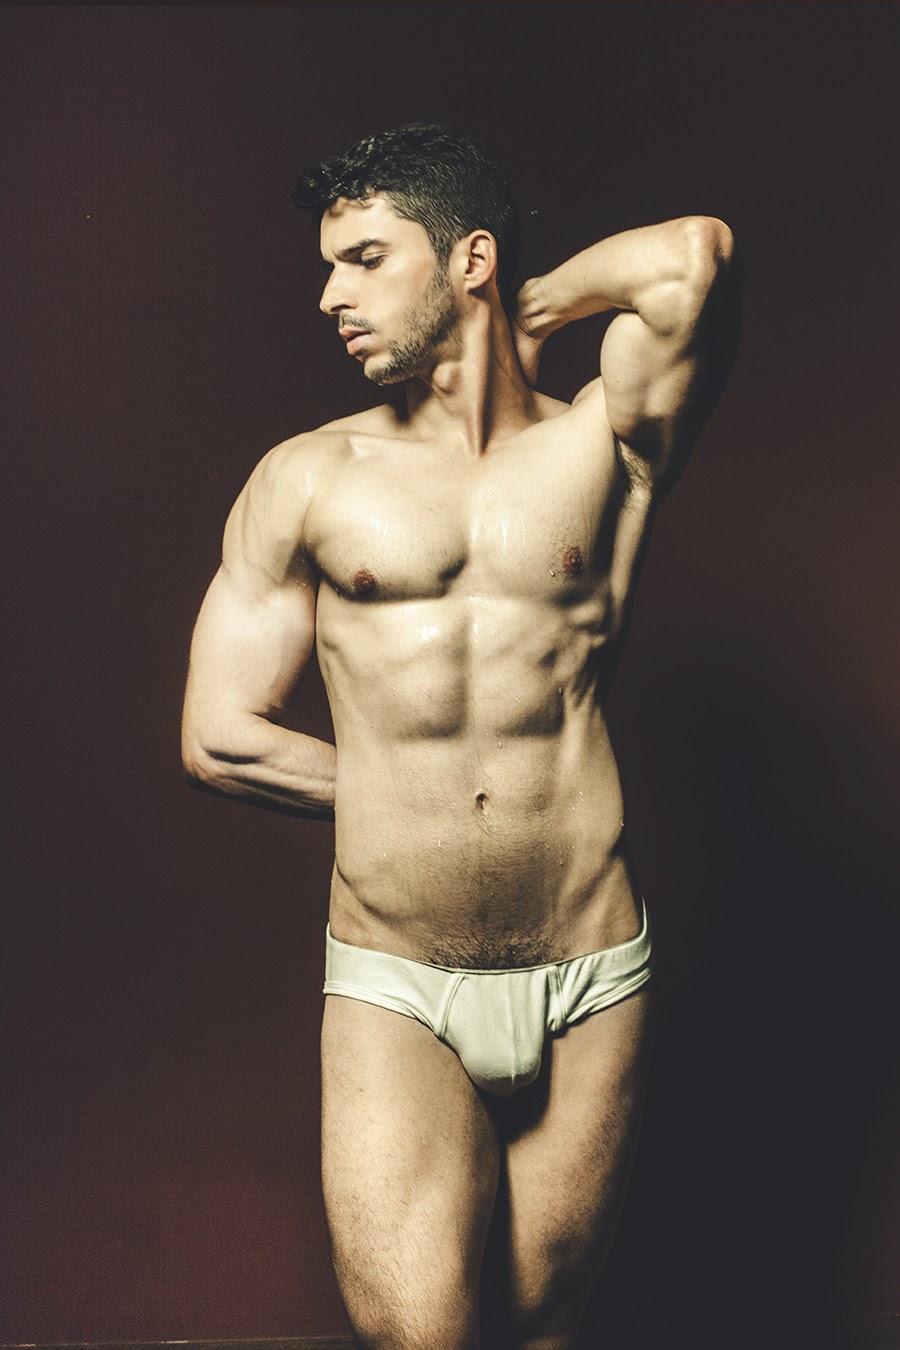 naked brazilian model